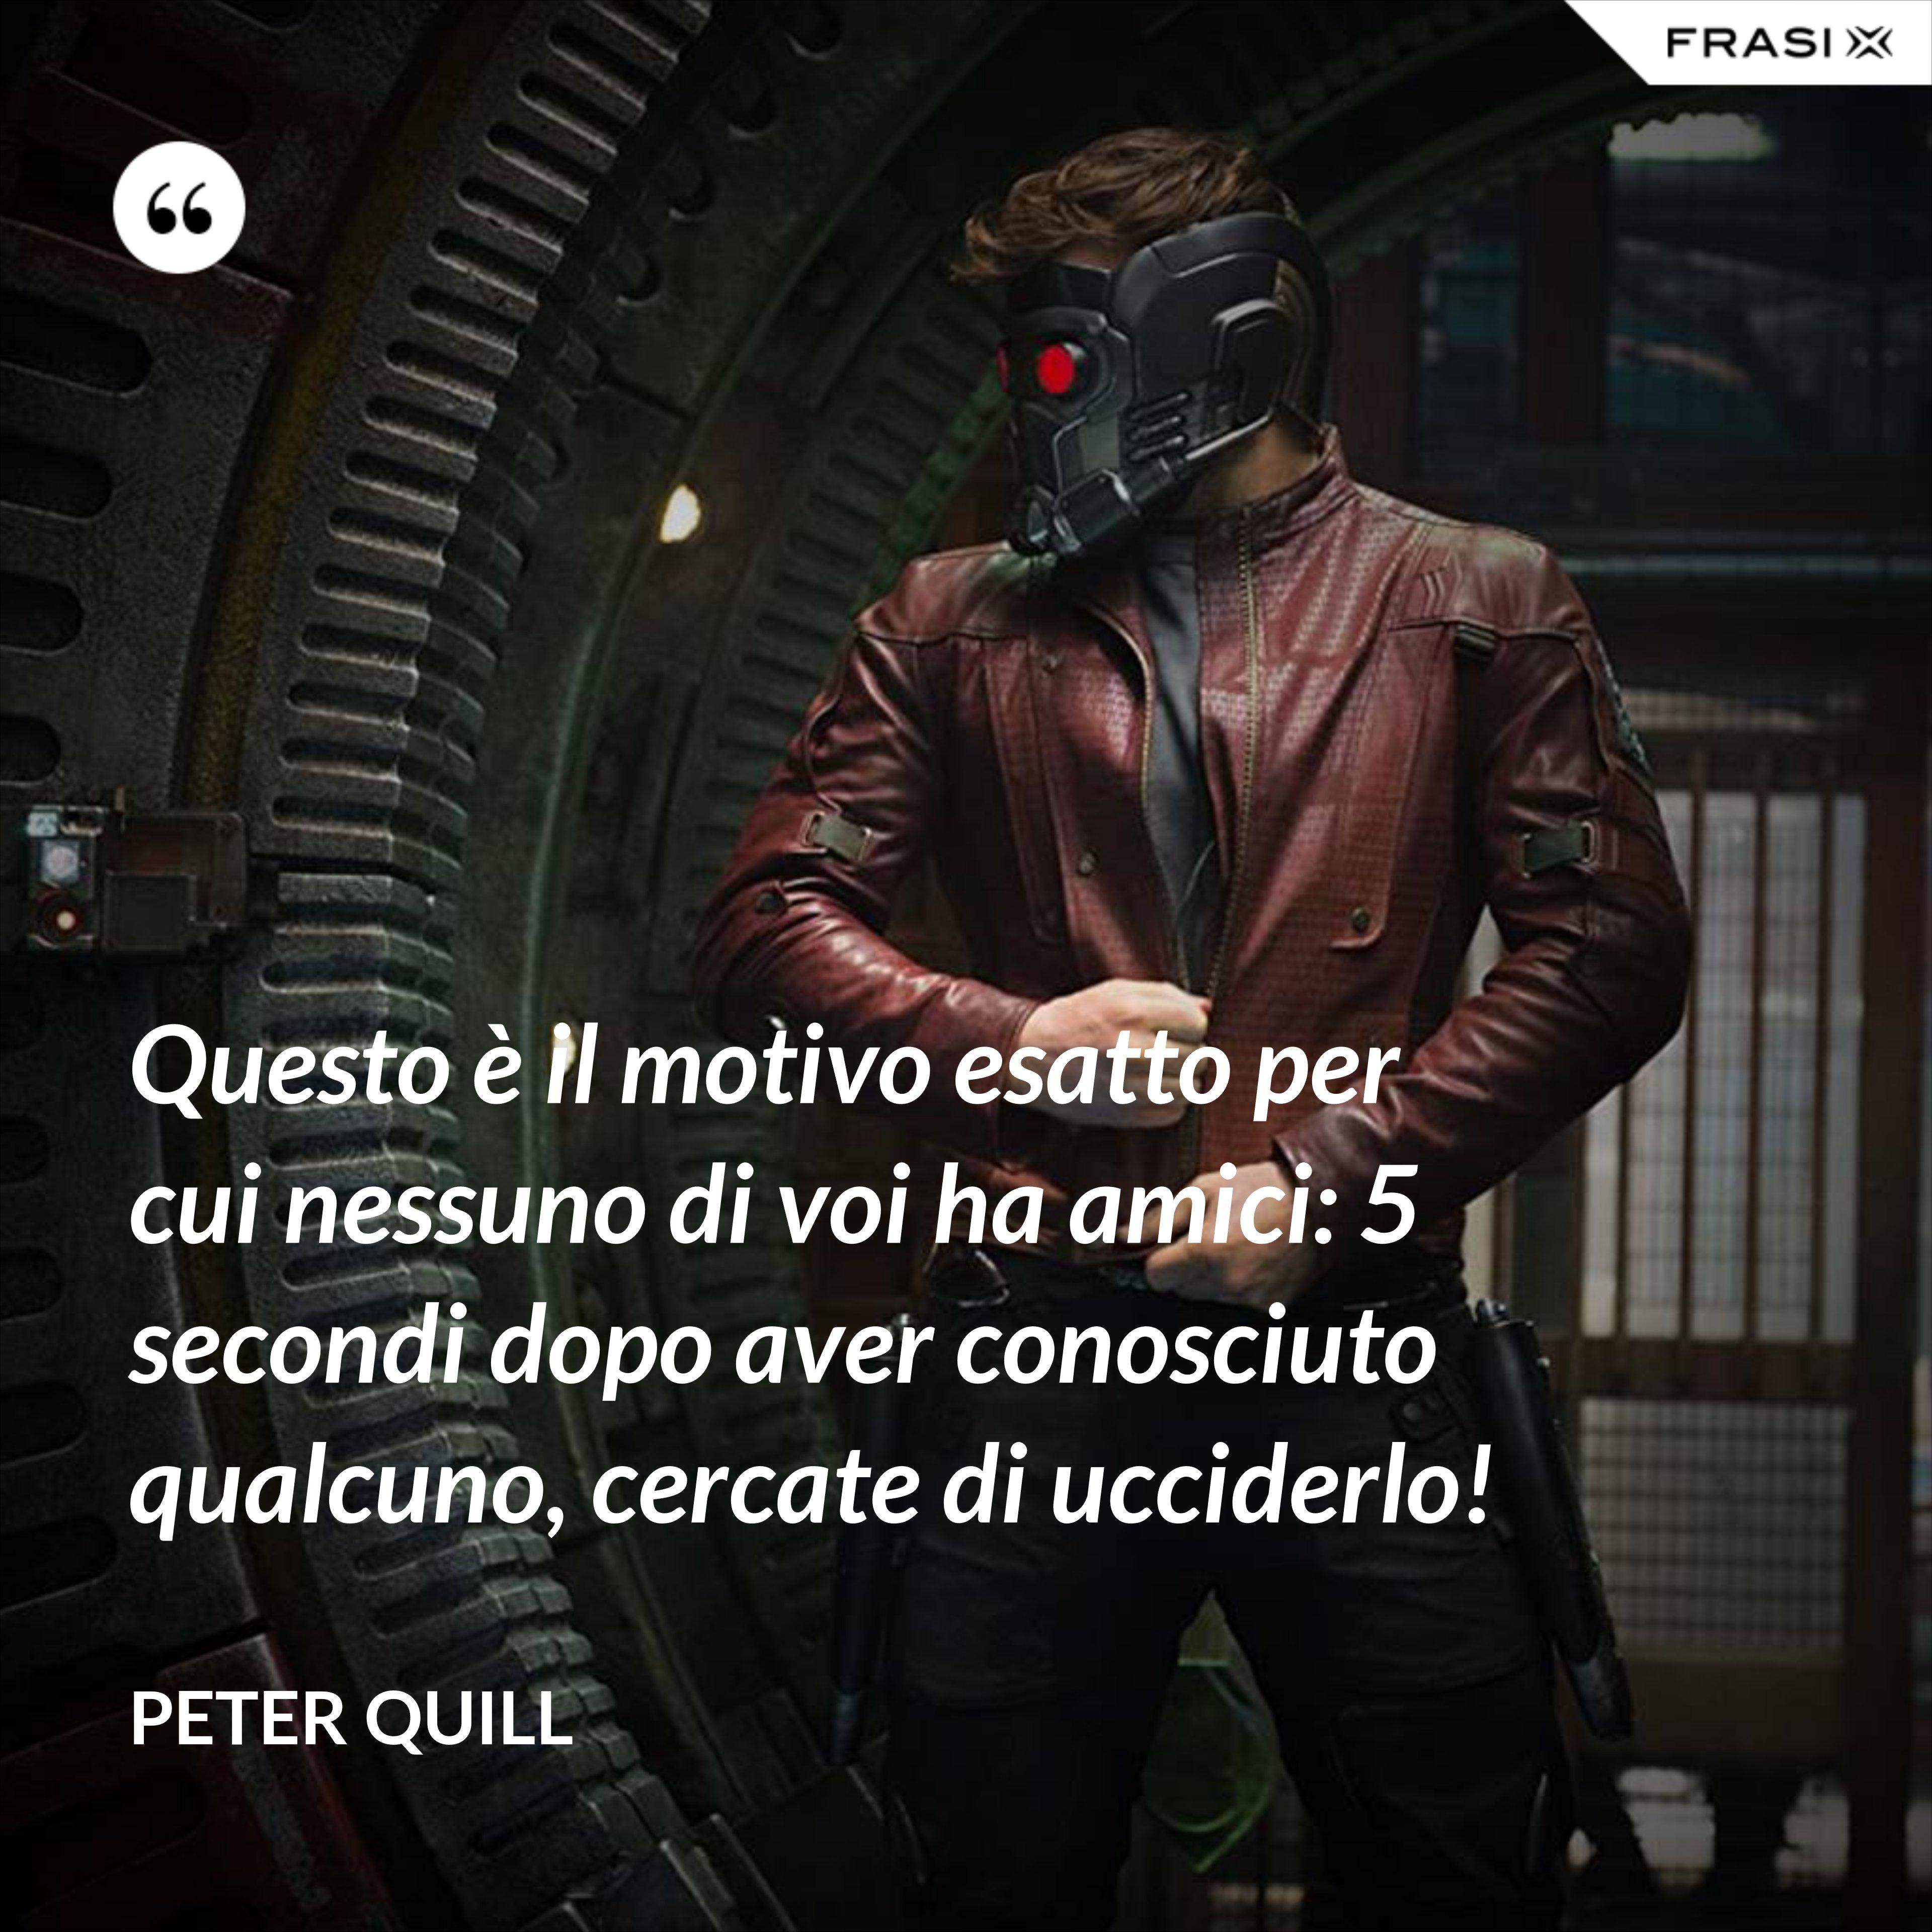 Questo è il motivo esatto per cui nessuno di voi ha amici: 5 secondi dopo aver conosciuto qualcuno, cercate di ucciderlo! - Peter Quill